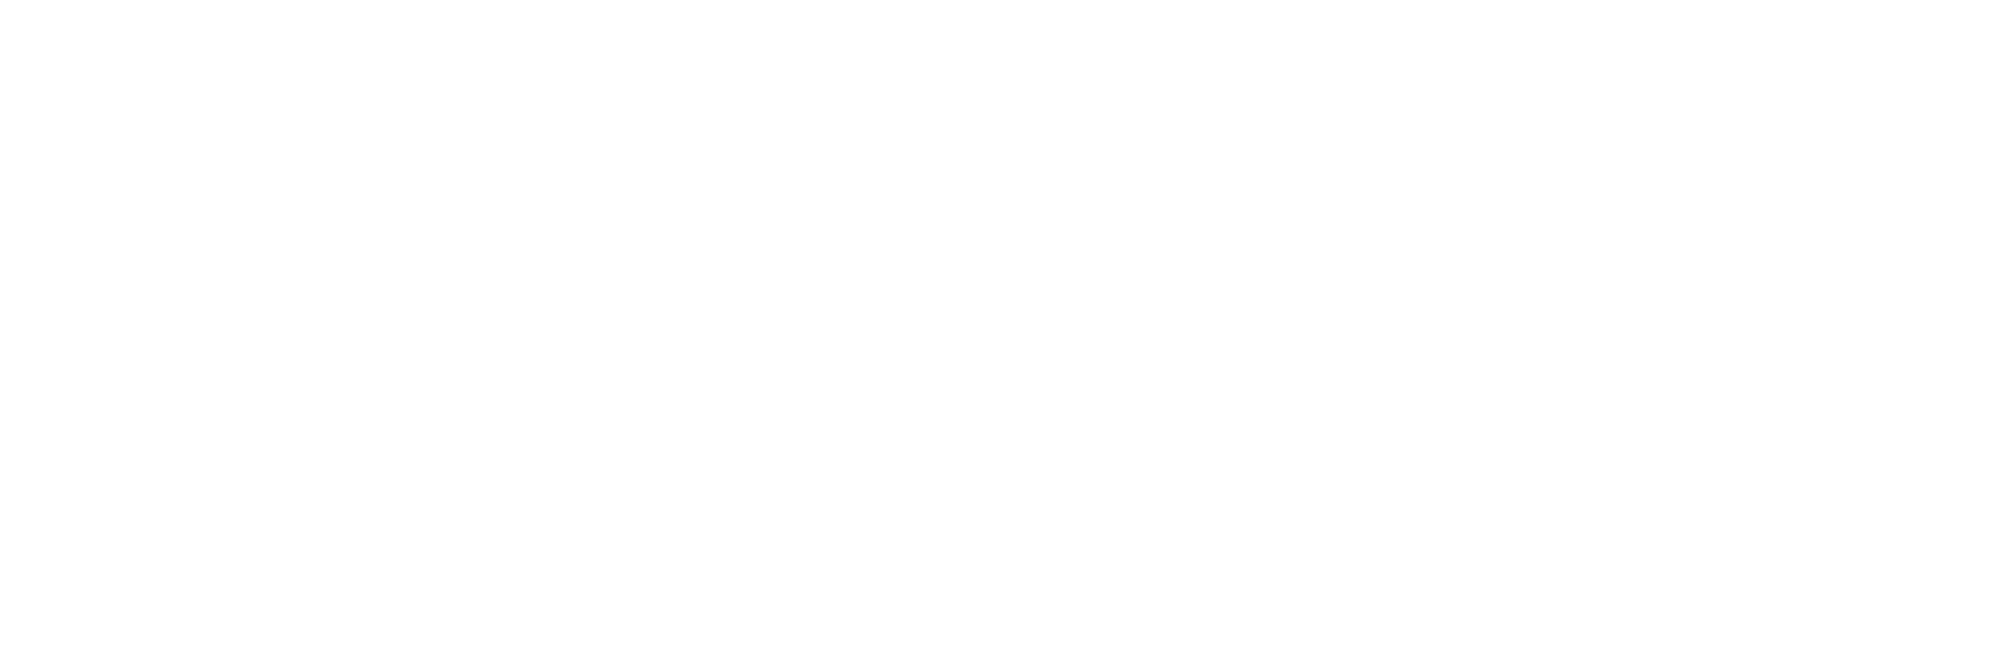 fvr-nvr-logo-white